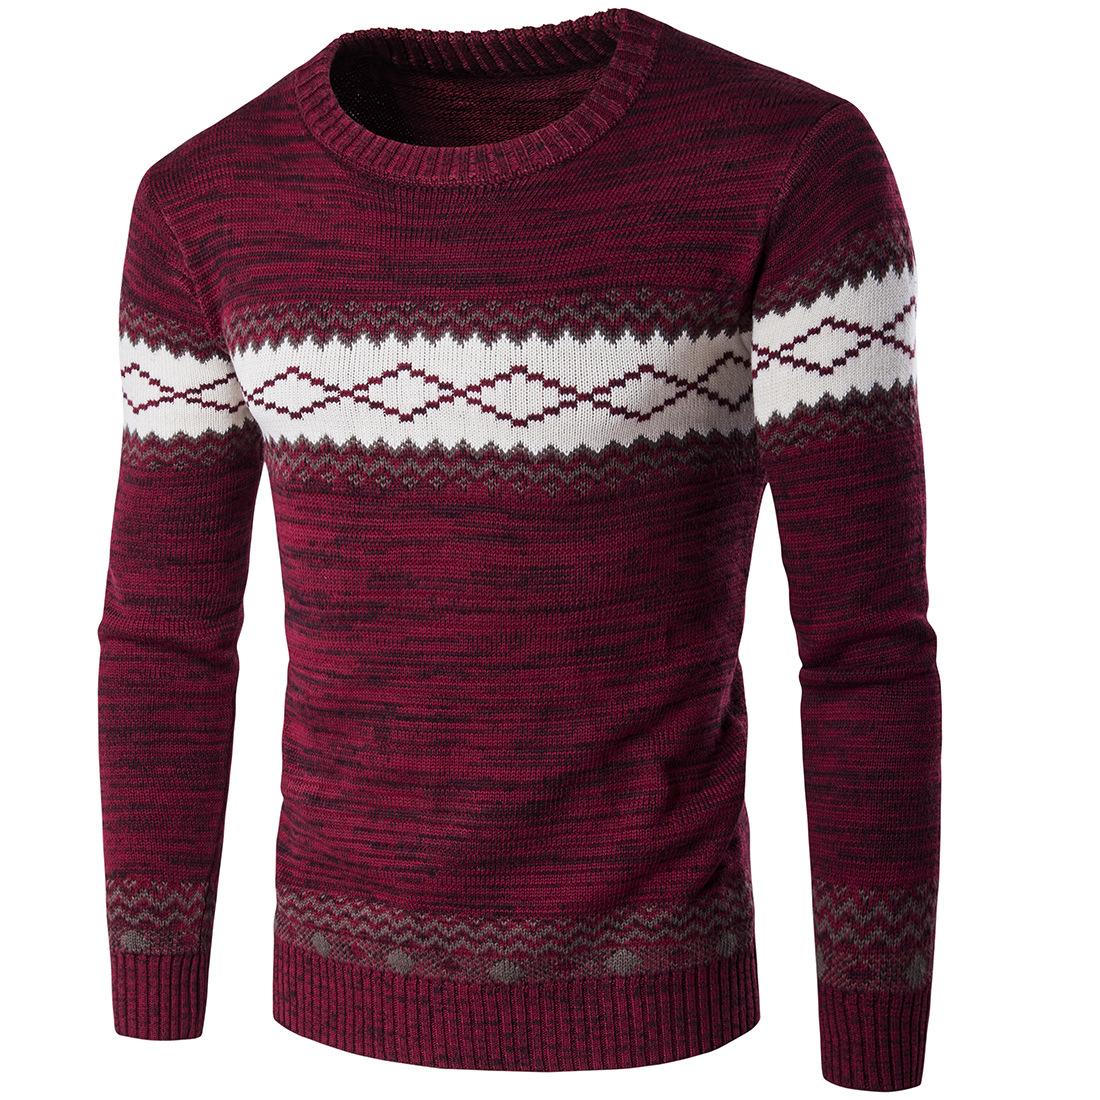 Nuevo jersey para hombre Navidad Novedad Reno Impresión Suéter De Navidad Jumpers Argyle superior